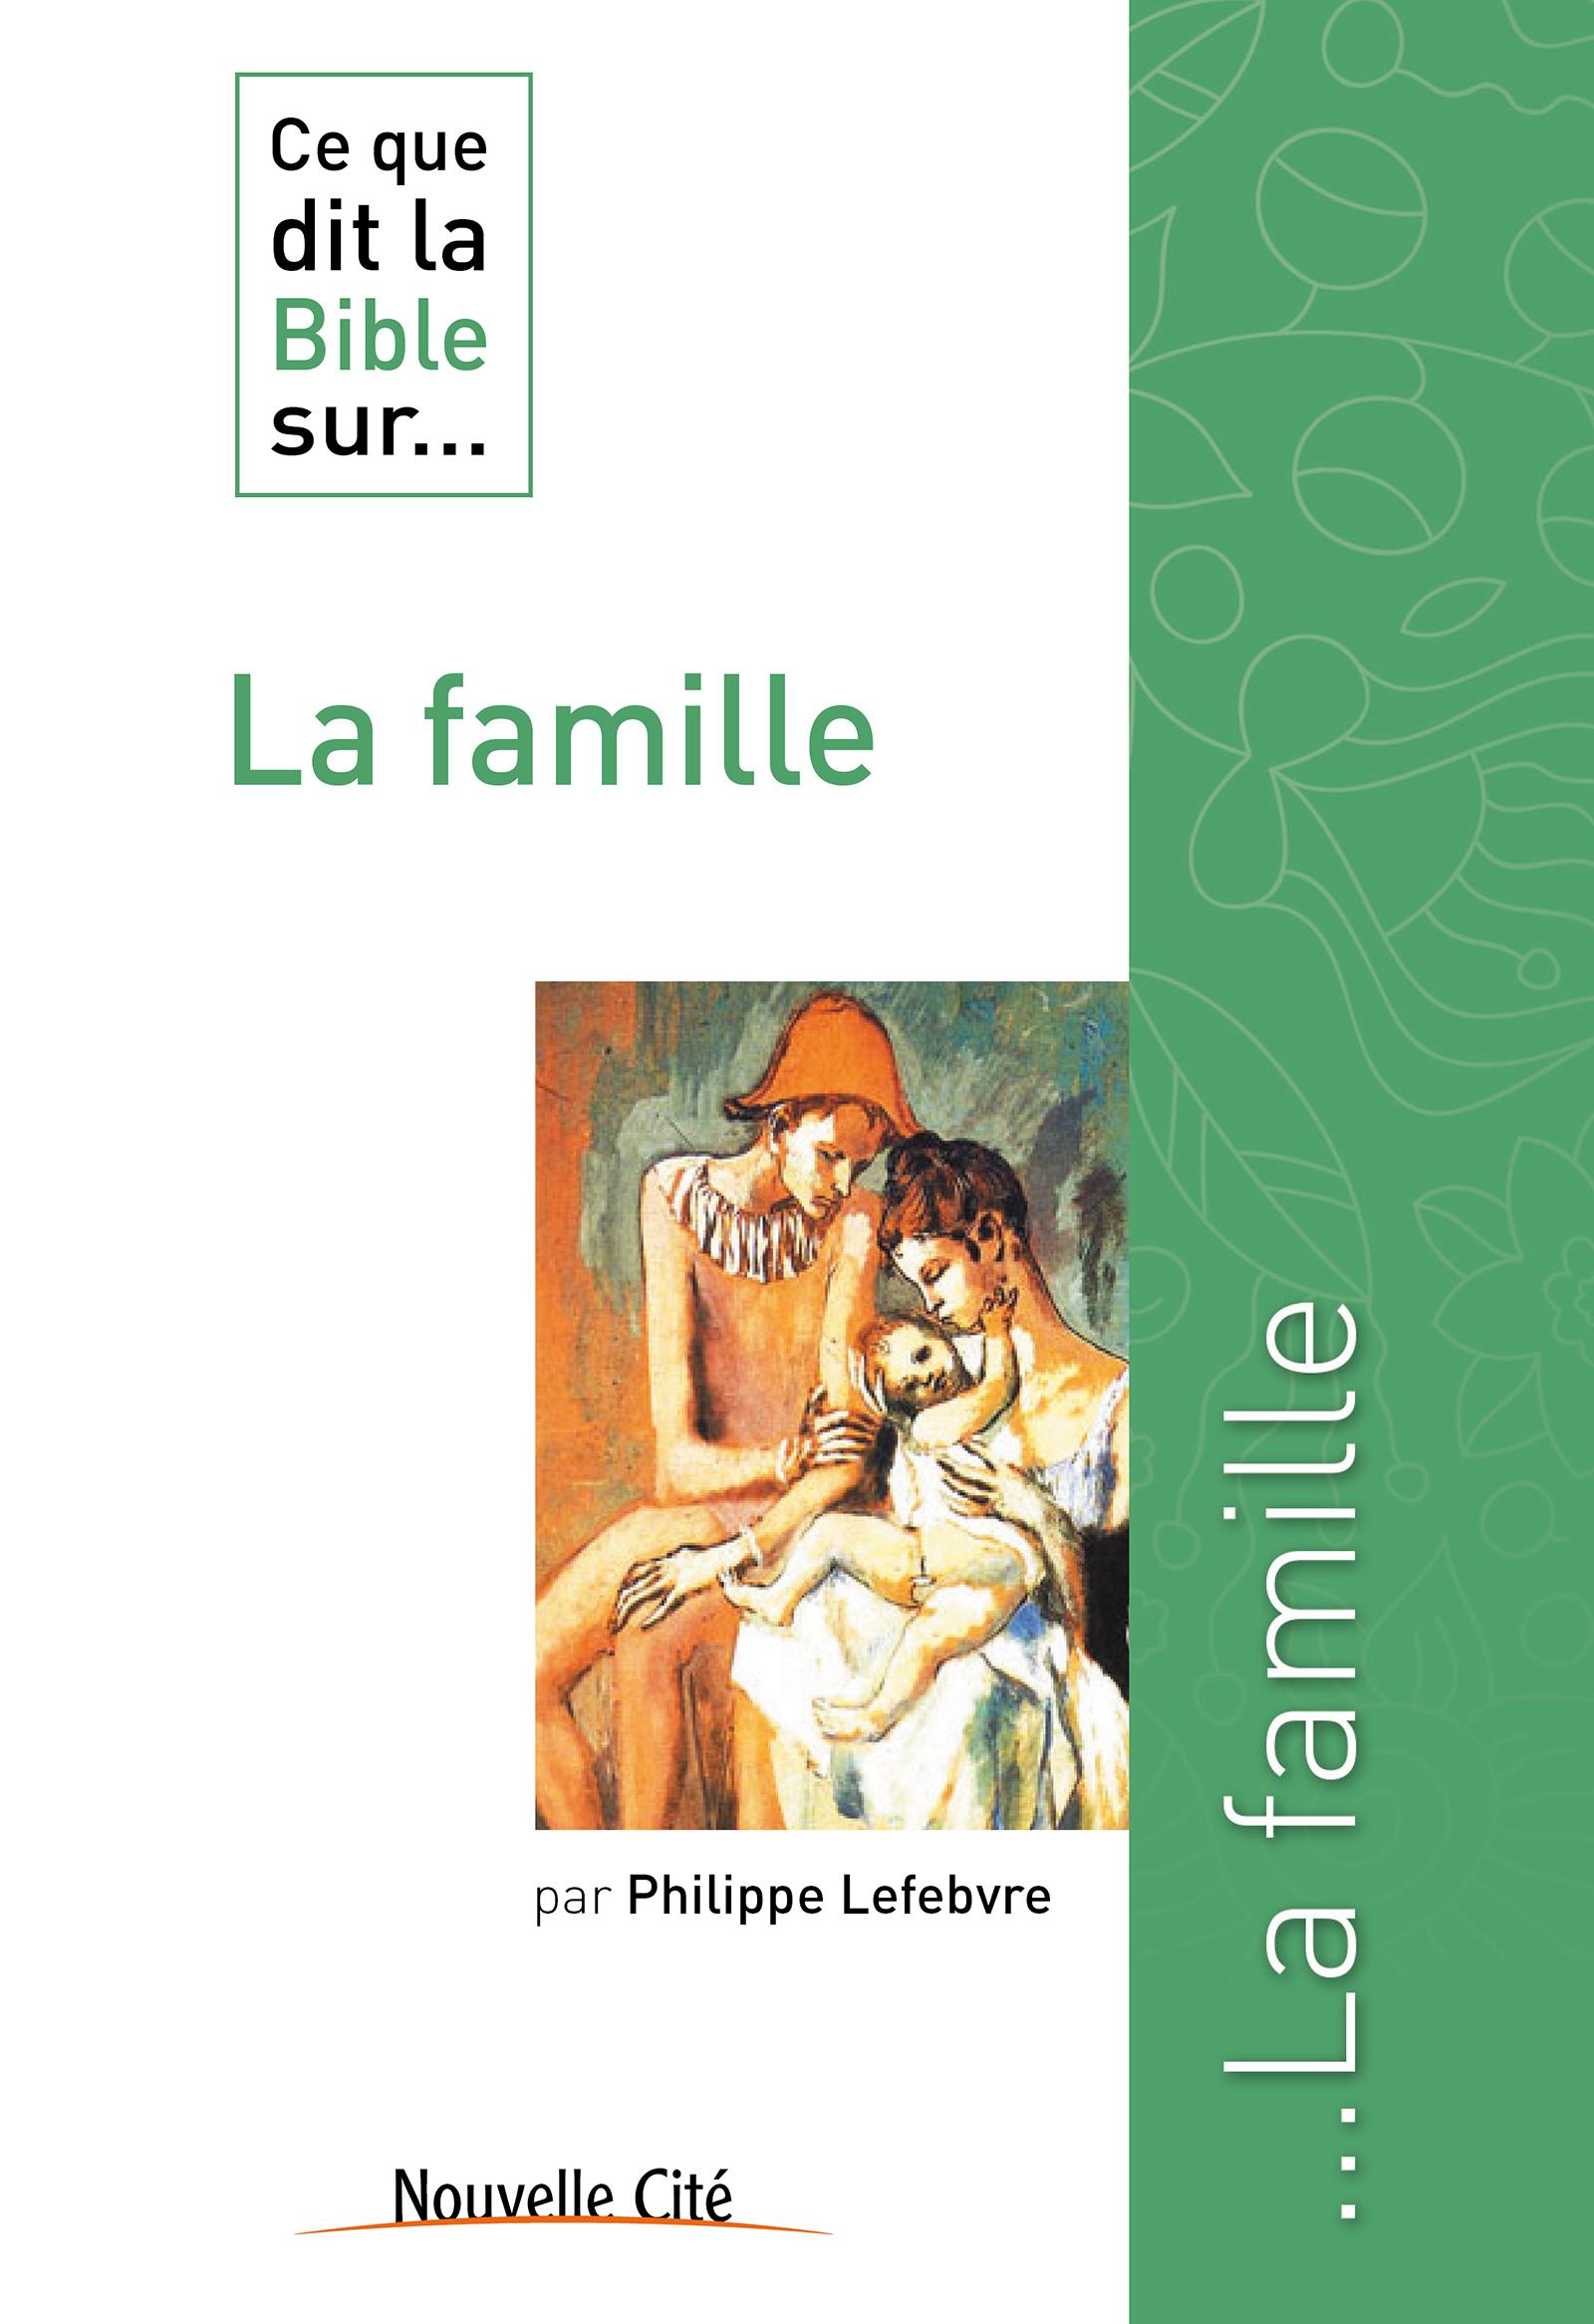 Ce que dit la Bible sur la famille